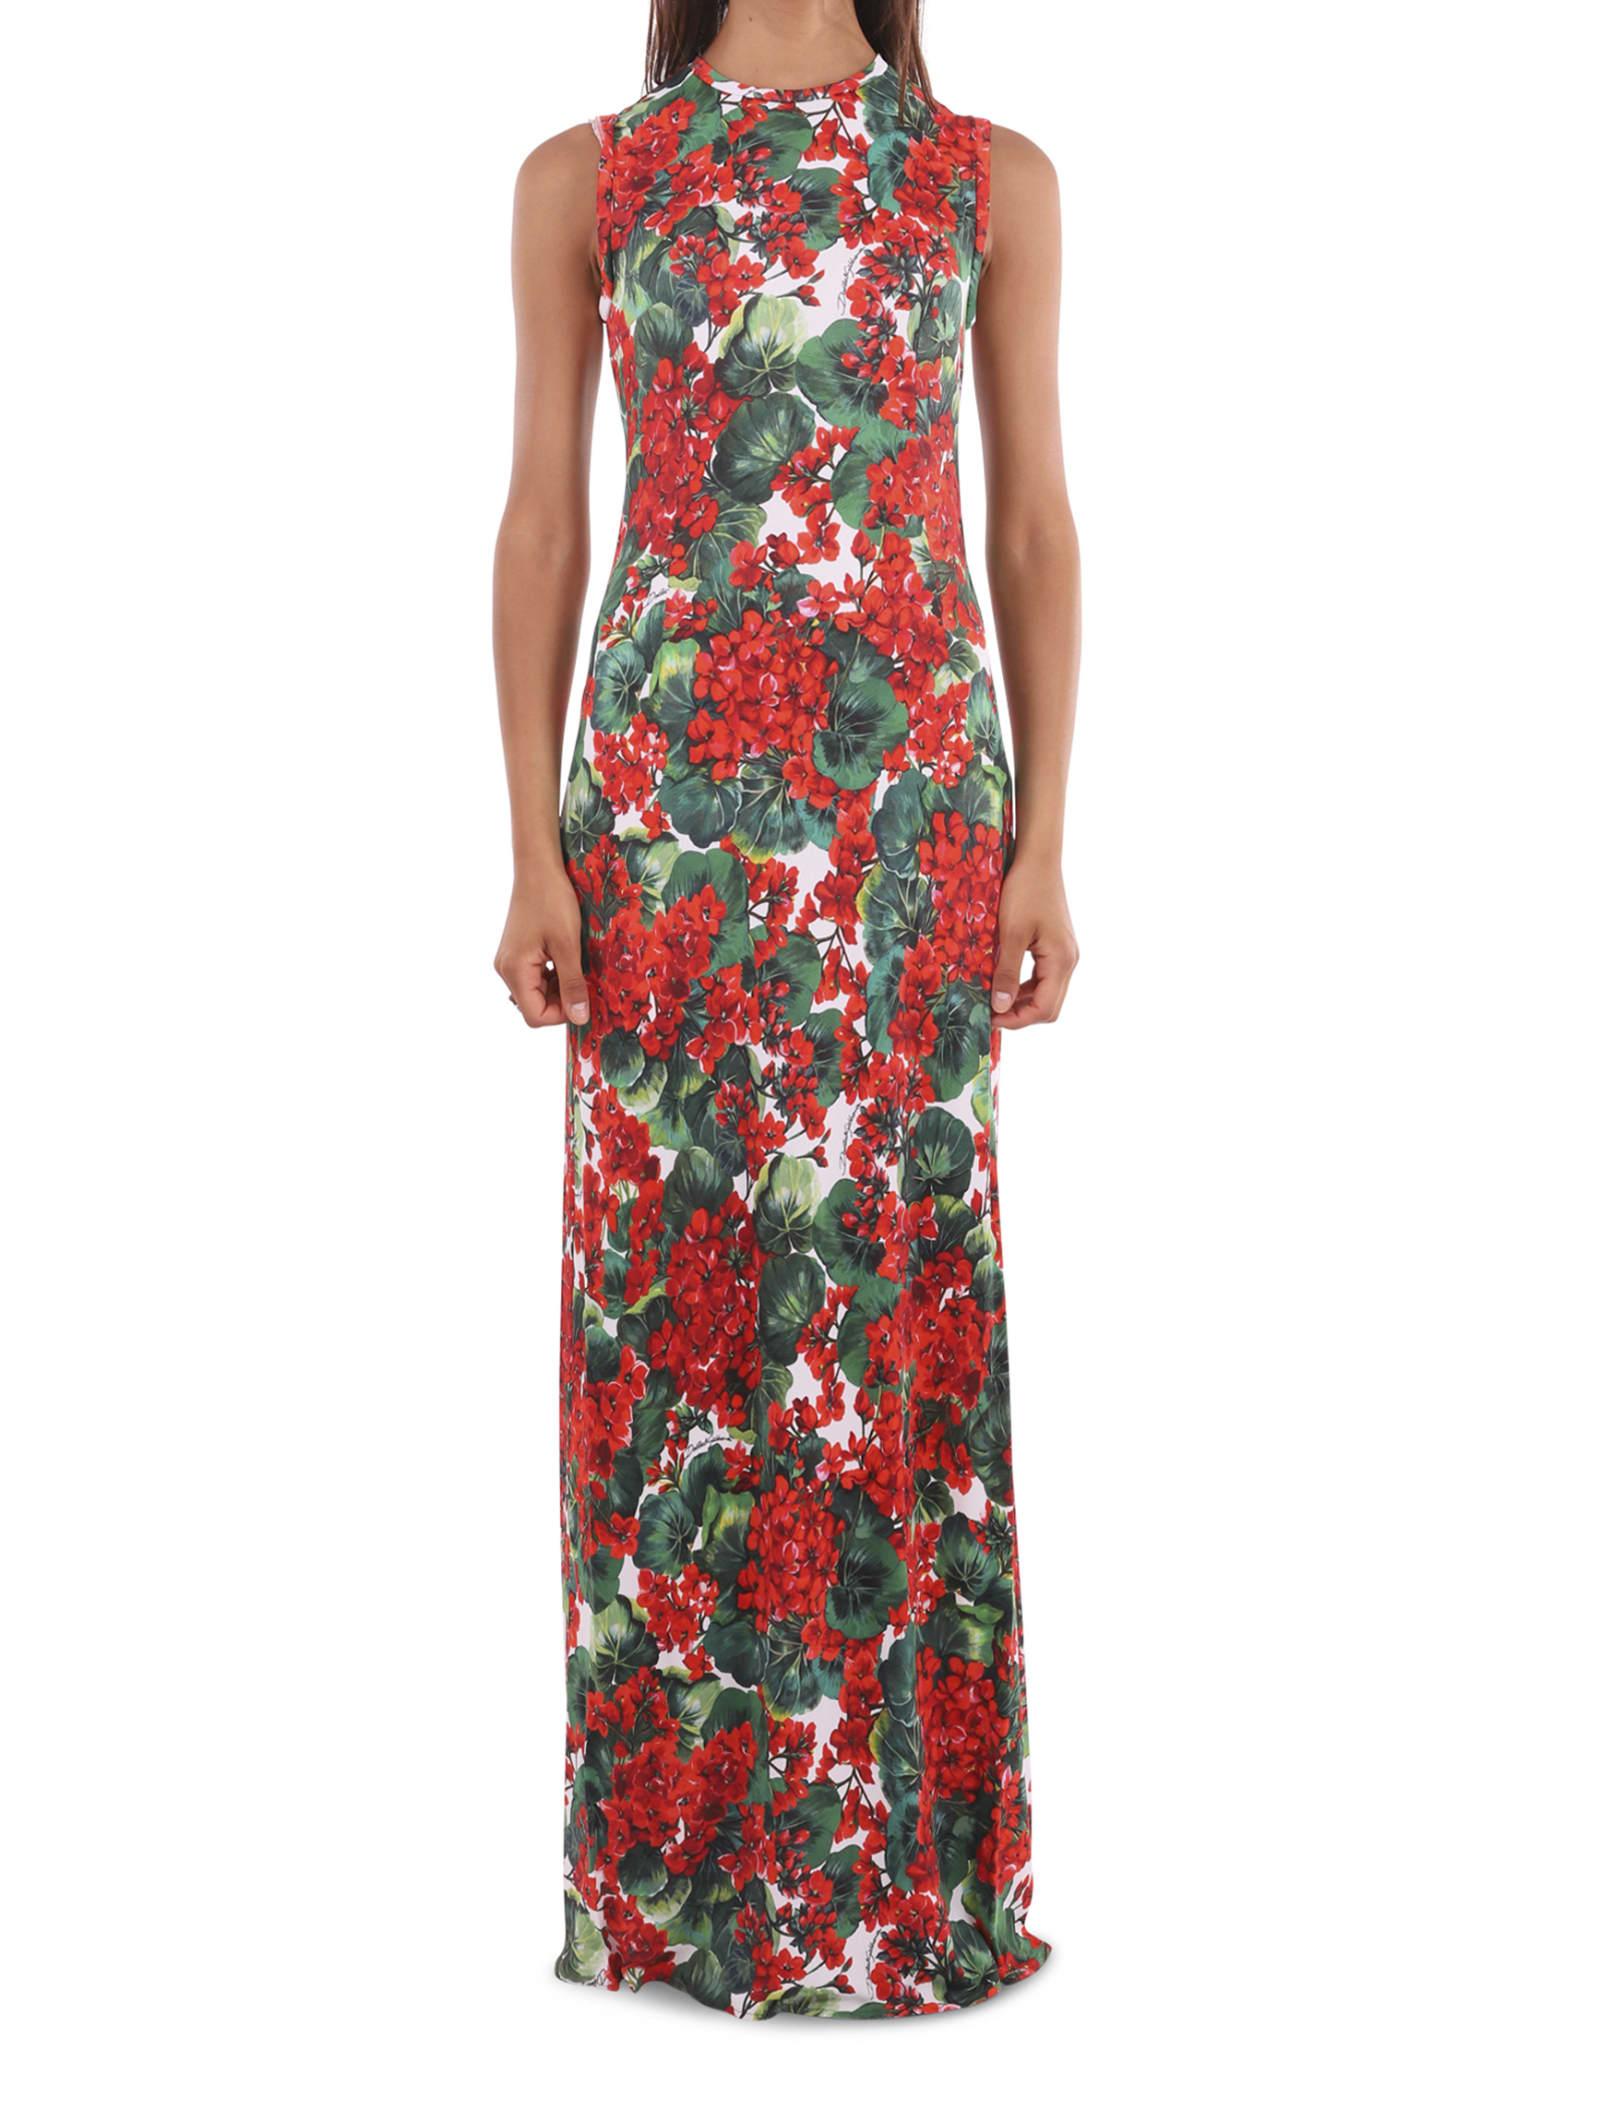 Dolce & Gabbana Long Geranium Dress